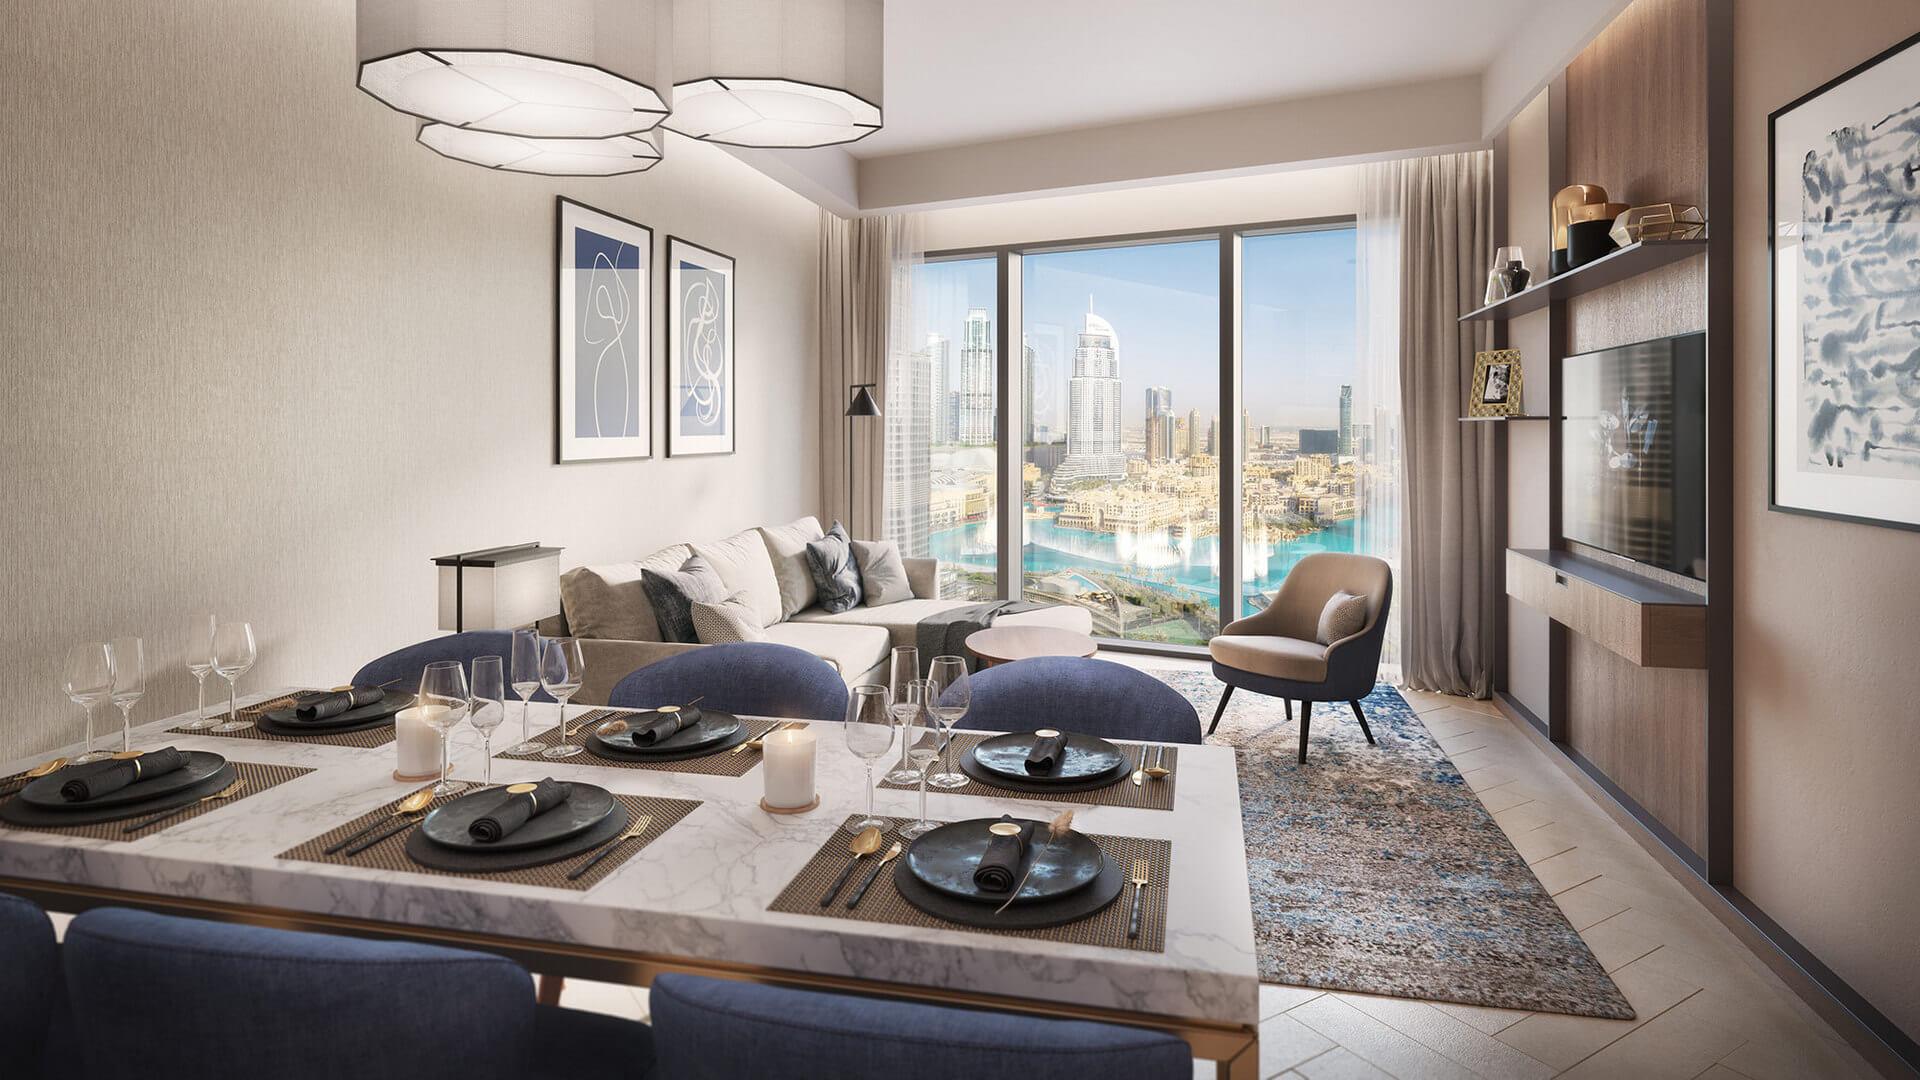 Apartment for sale in Dubai, UAE, 3 bedrooms, 149 m2, No. 24076 – photo 1